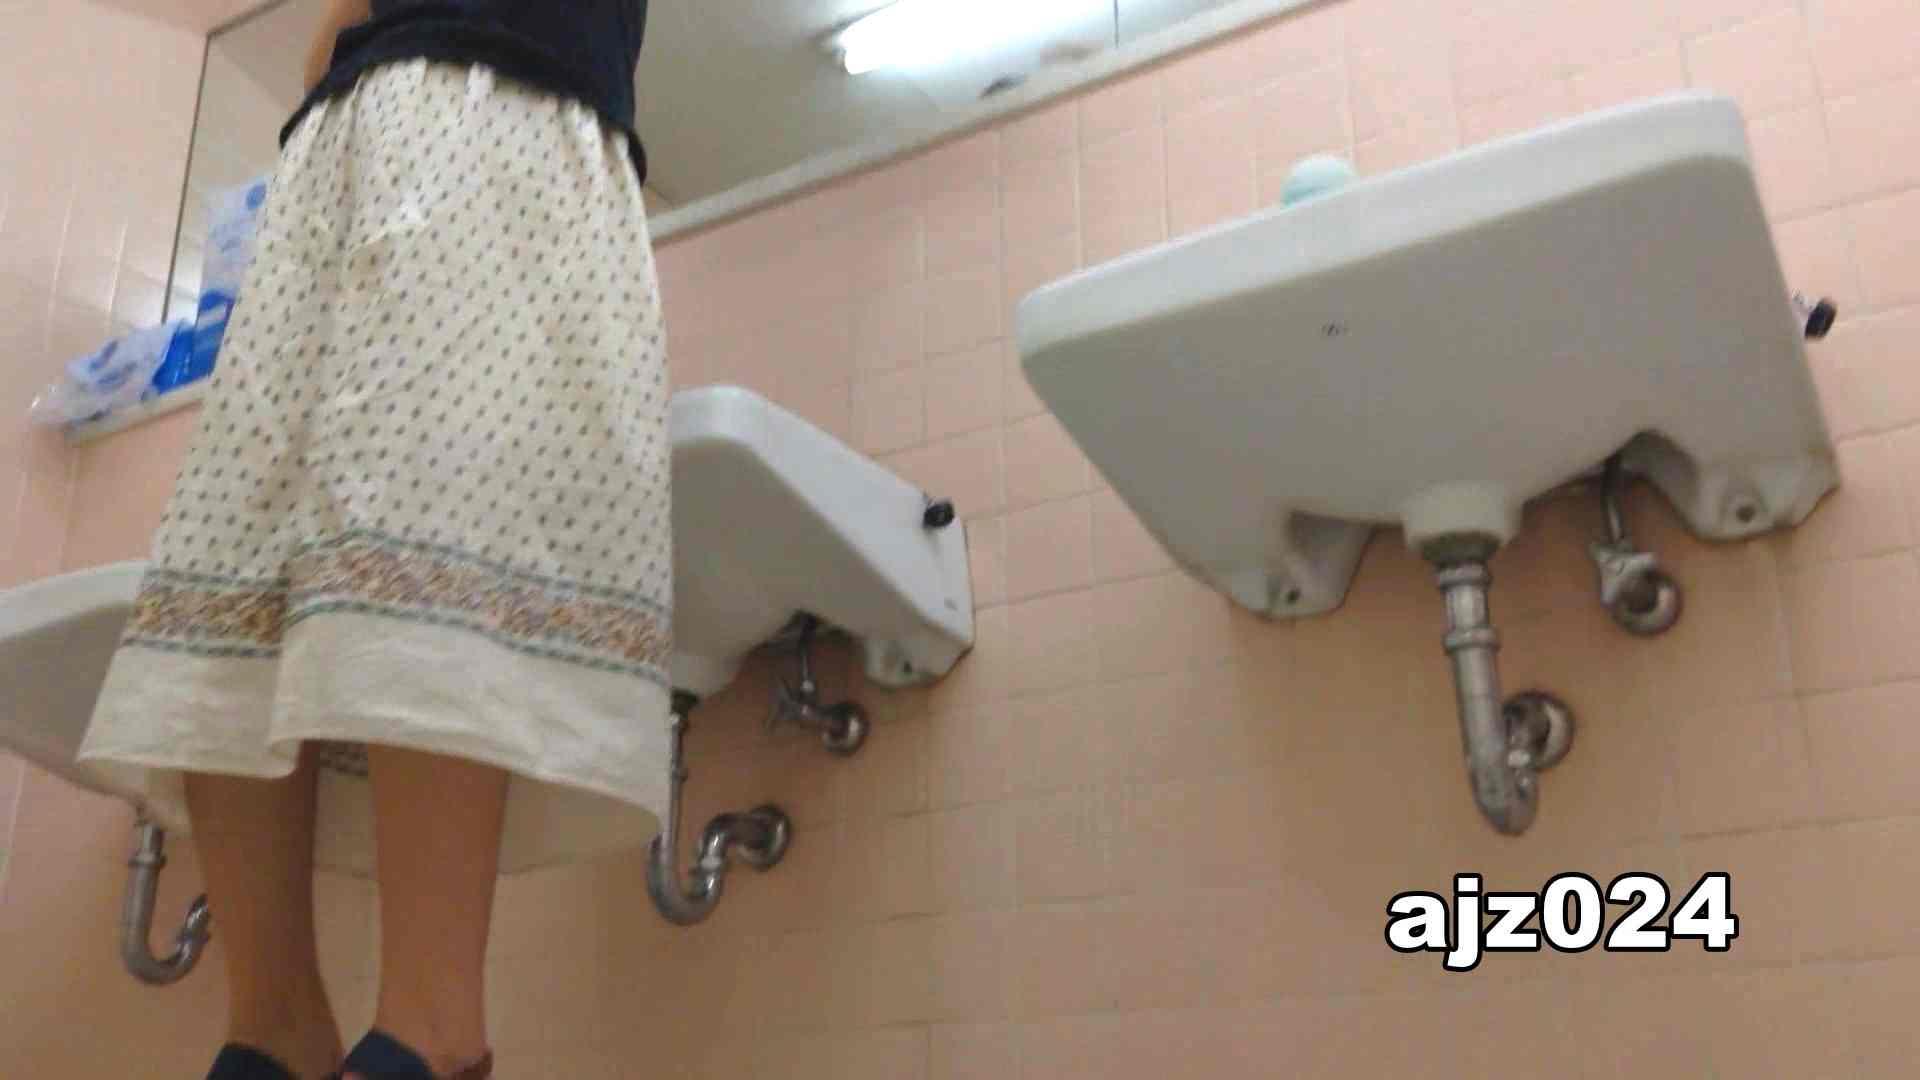 某有名大学女性洗面所 vol.24 潜入 盗み撮りAV無料動画キャプチャ 66連発 21